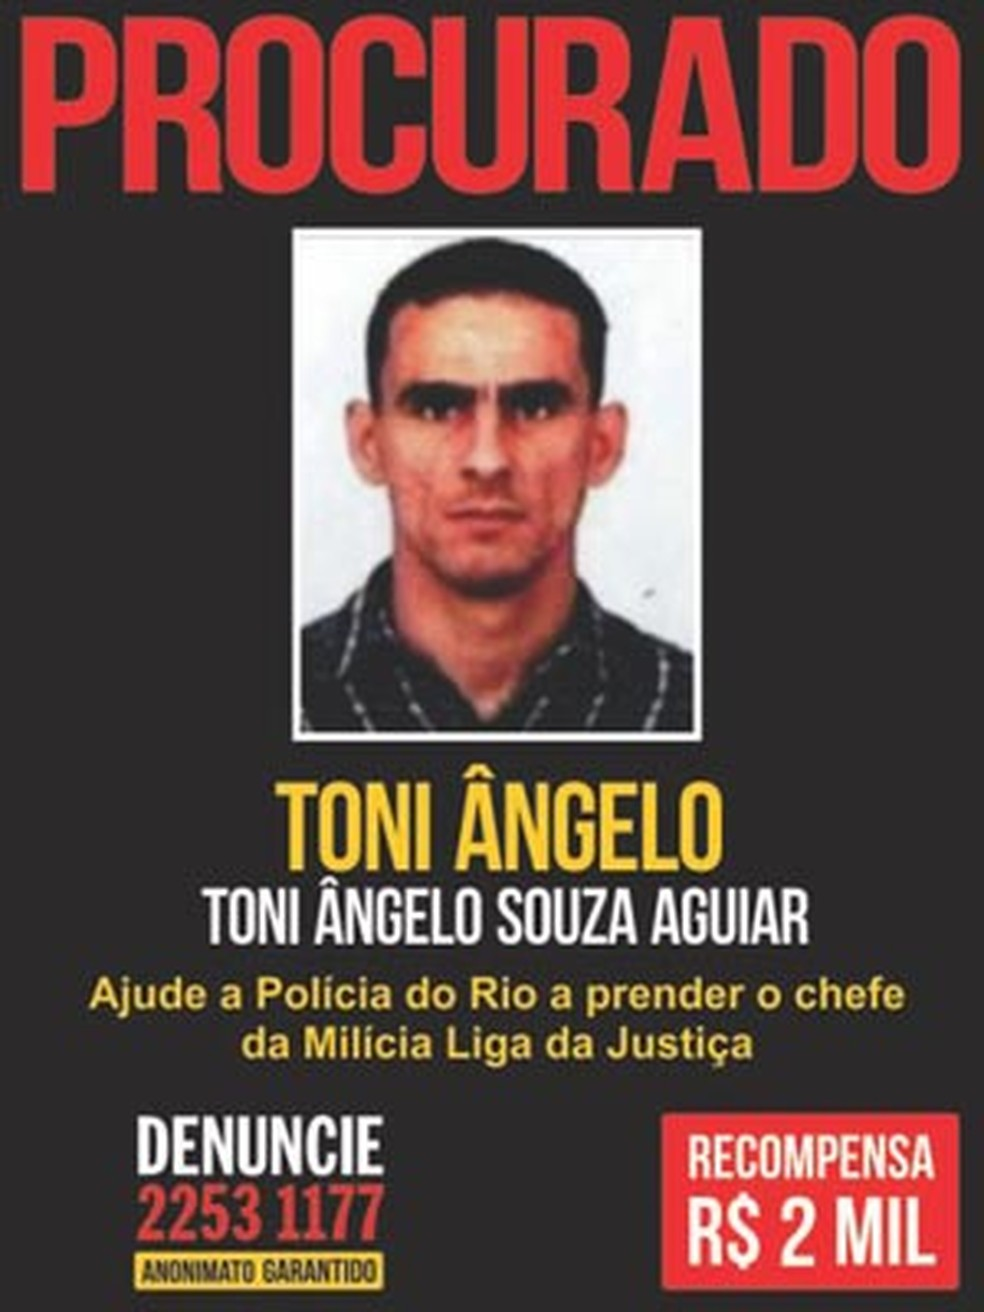 O cartaz de procurado de Toni Ângelo — Foto: Reprodução da internet